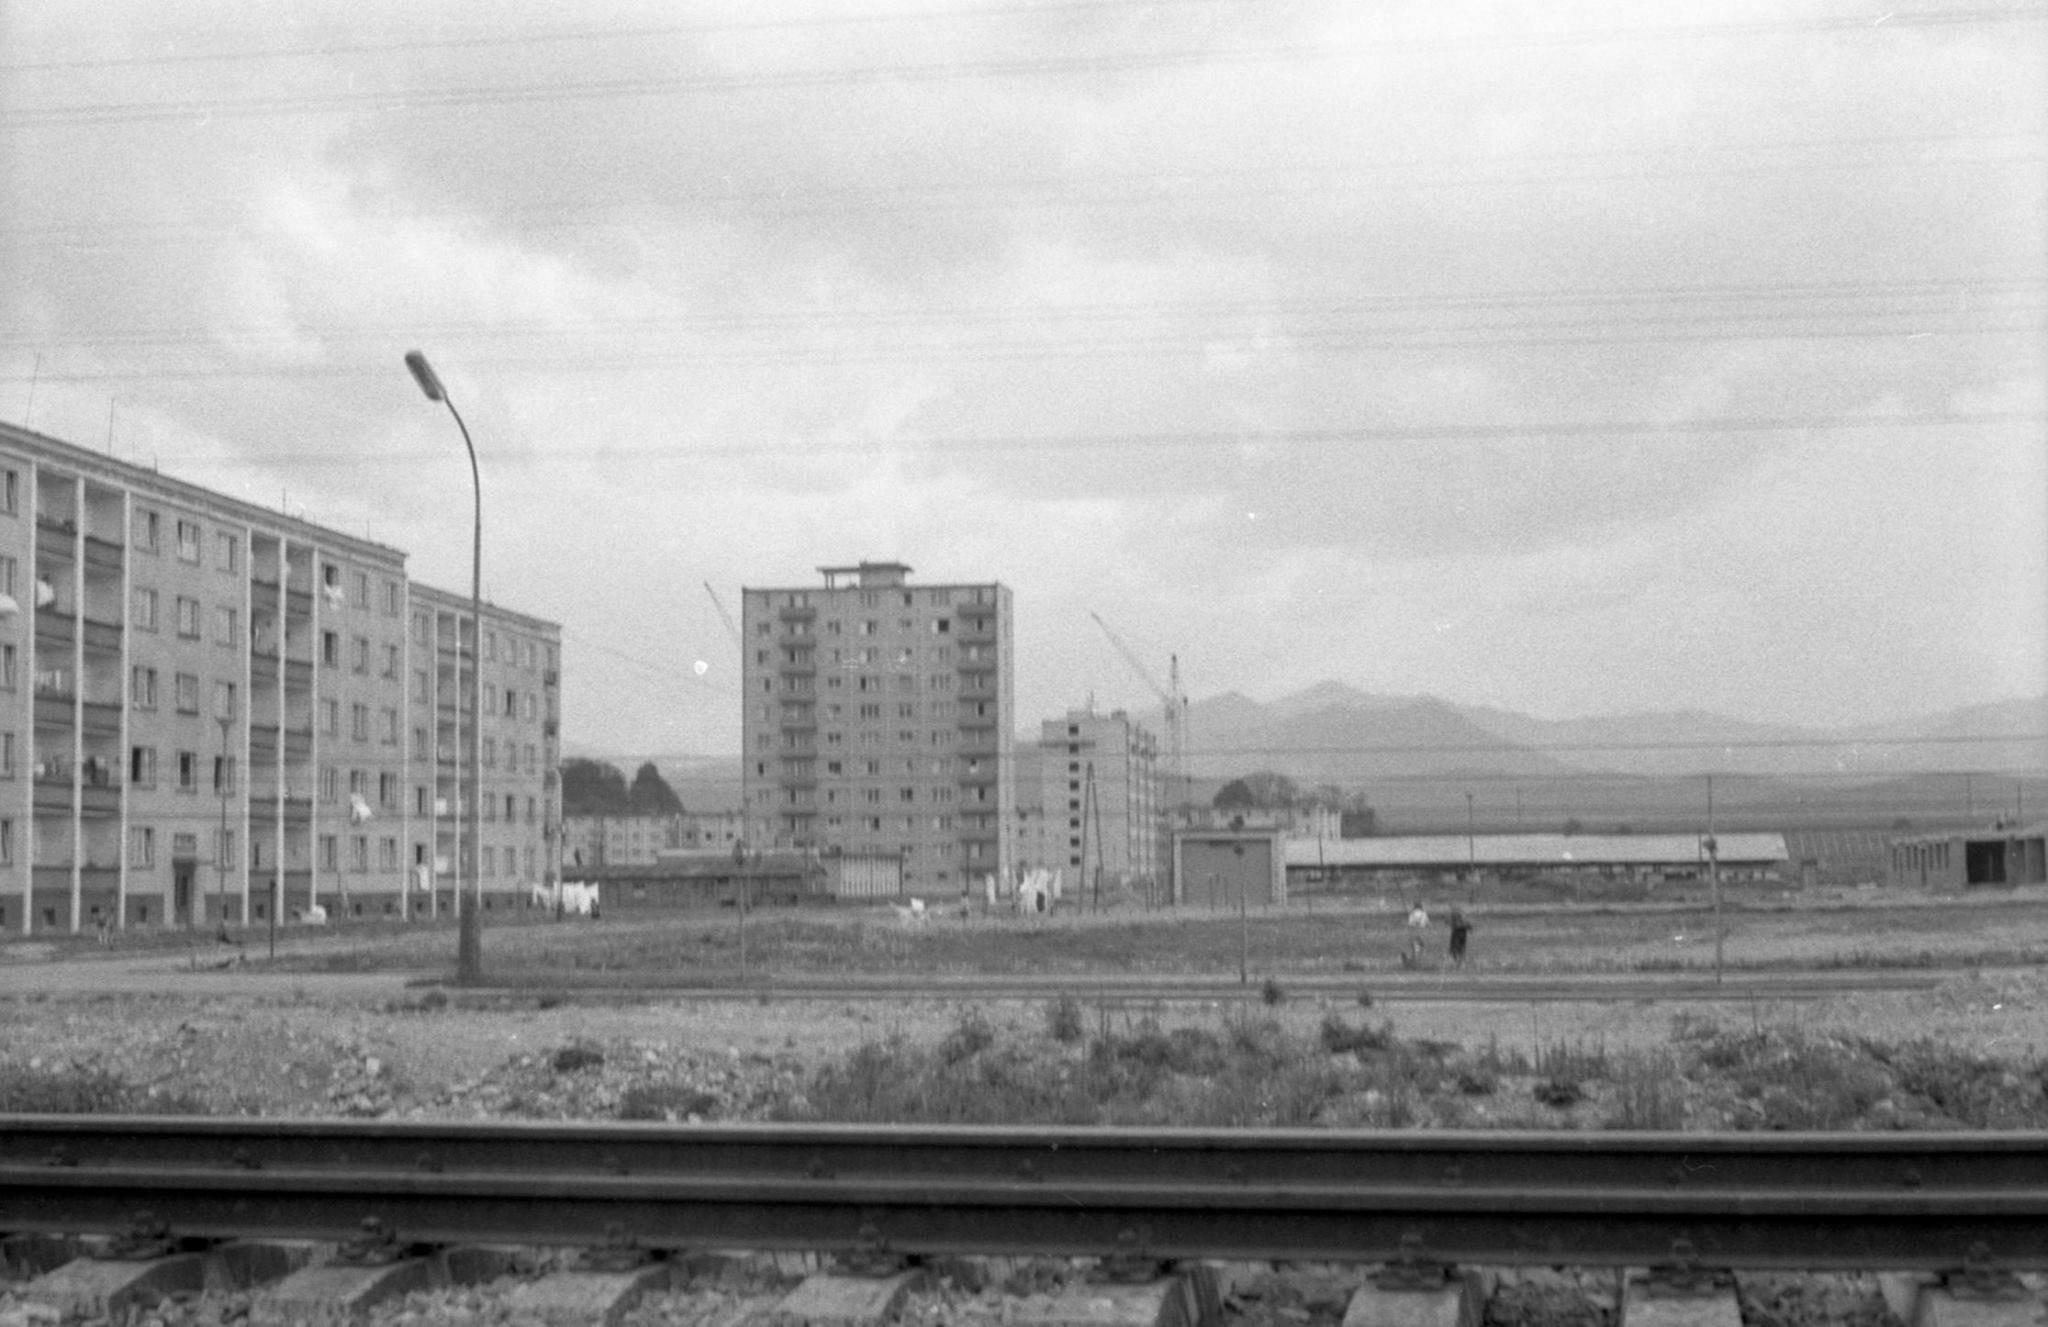 Martin - sever, 1963